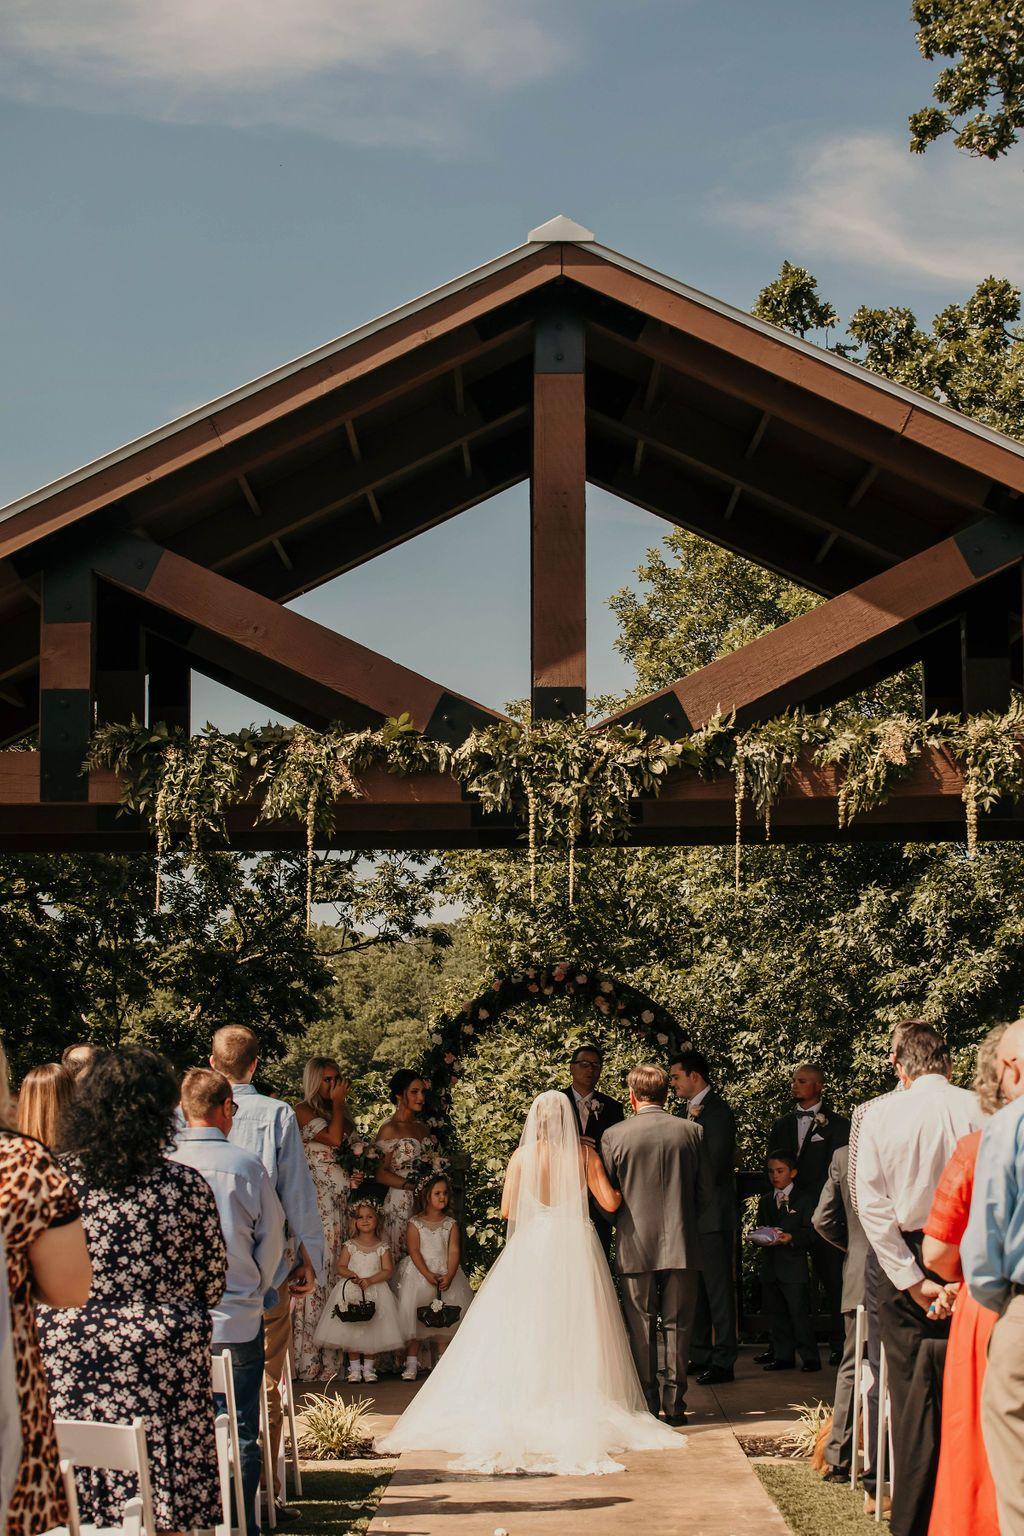 Tulsa Wedding Venue Springs Venue Tulsa Wedding Venues Wedding Ceremony Decorations Outdoor Oklahoma Wedding Venues